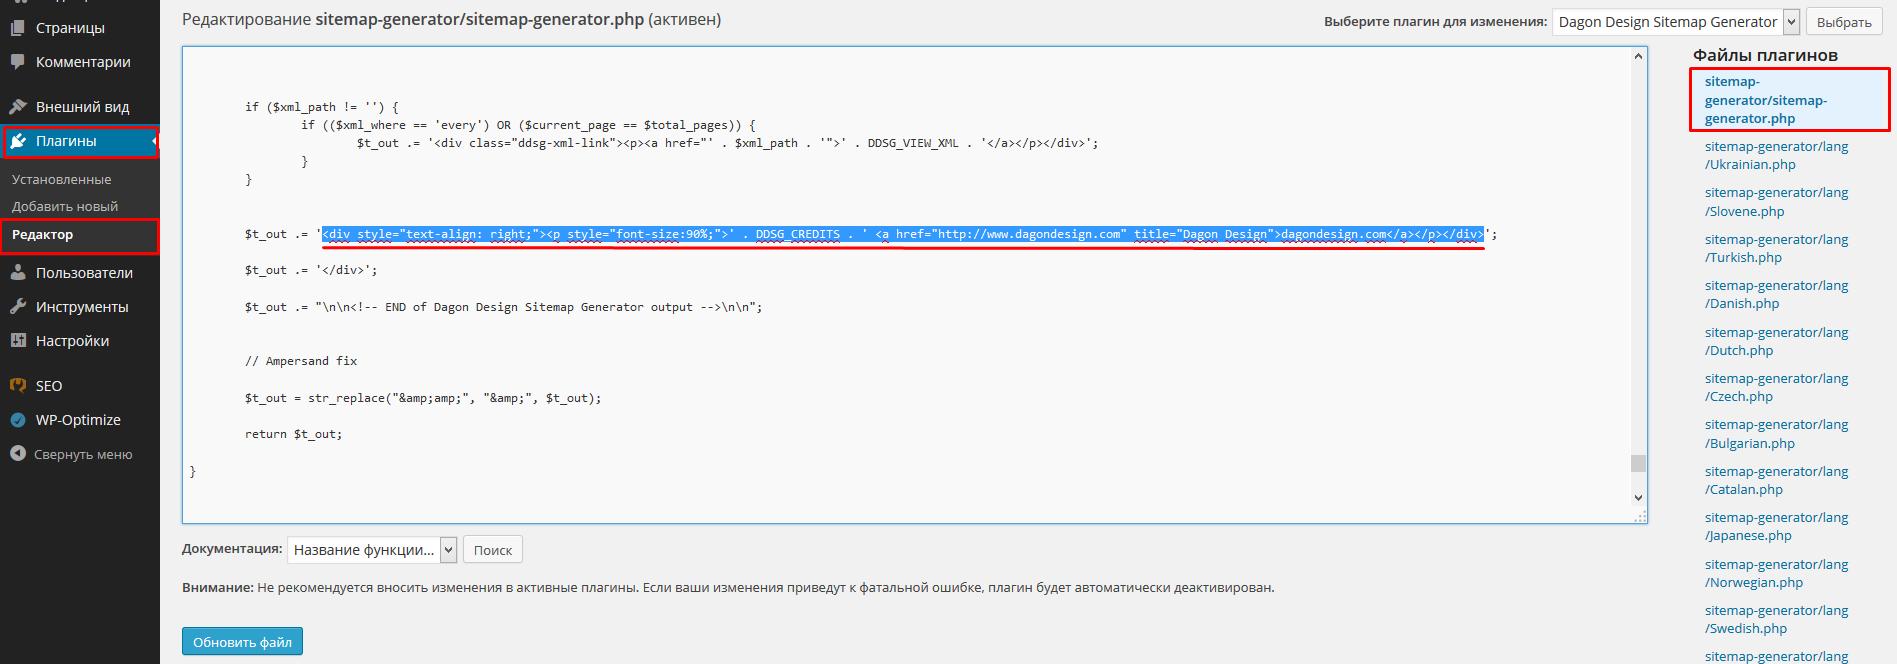 Как сделать карту сайта wordpress в xml как разархивовать файл на хостинге